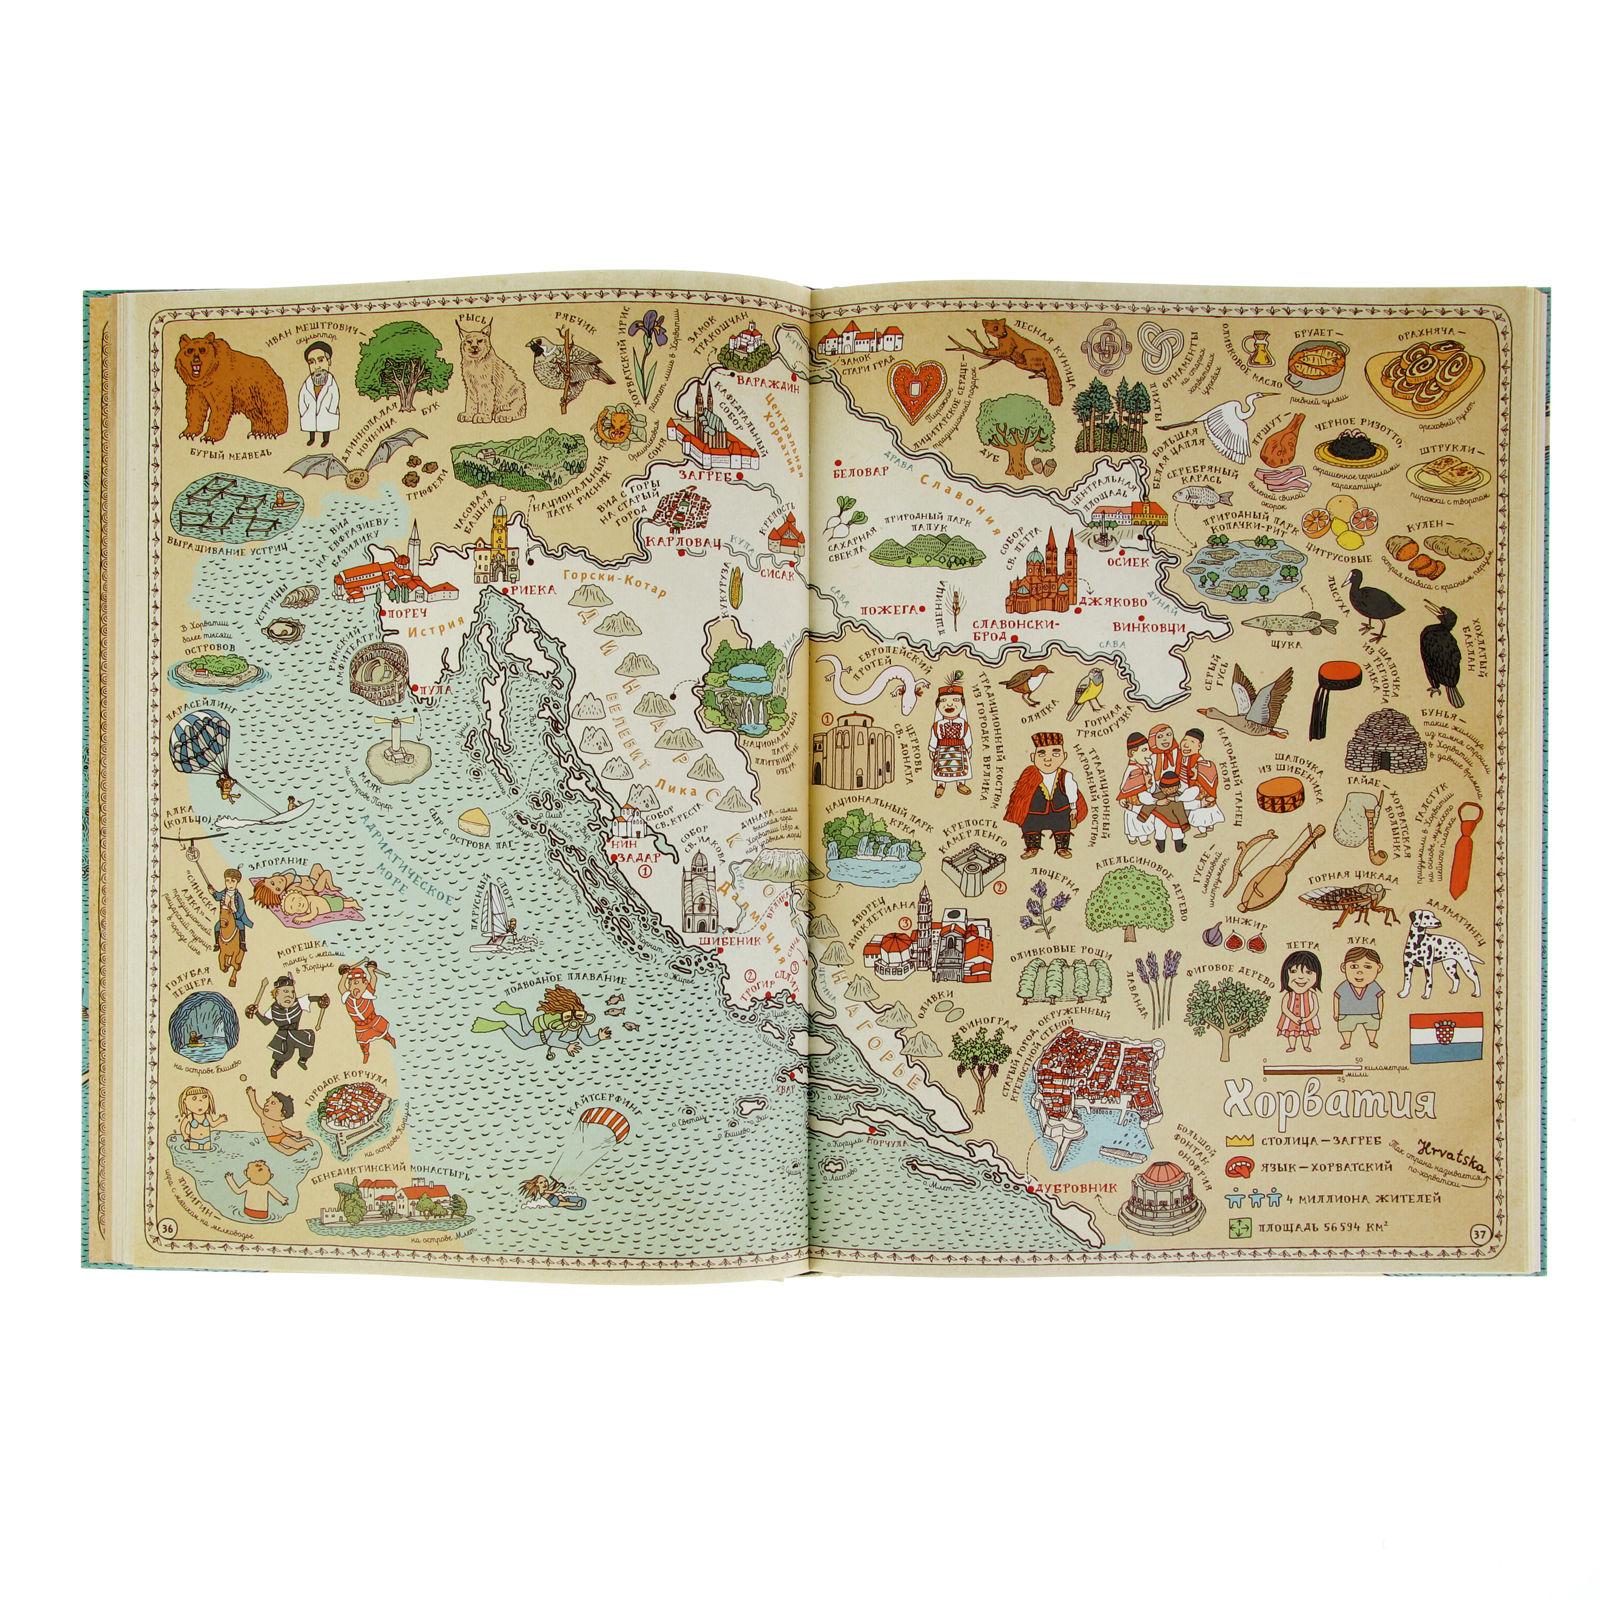 Путешествия в картинках по континентам морям